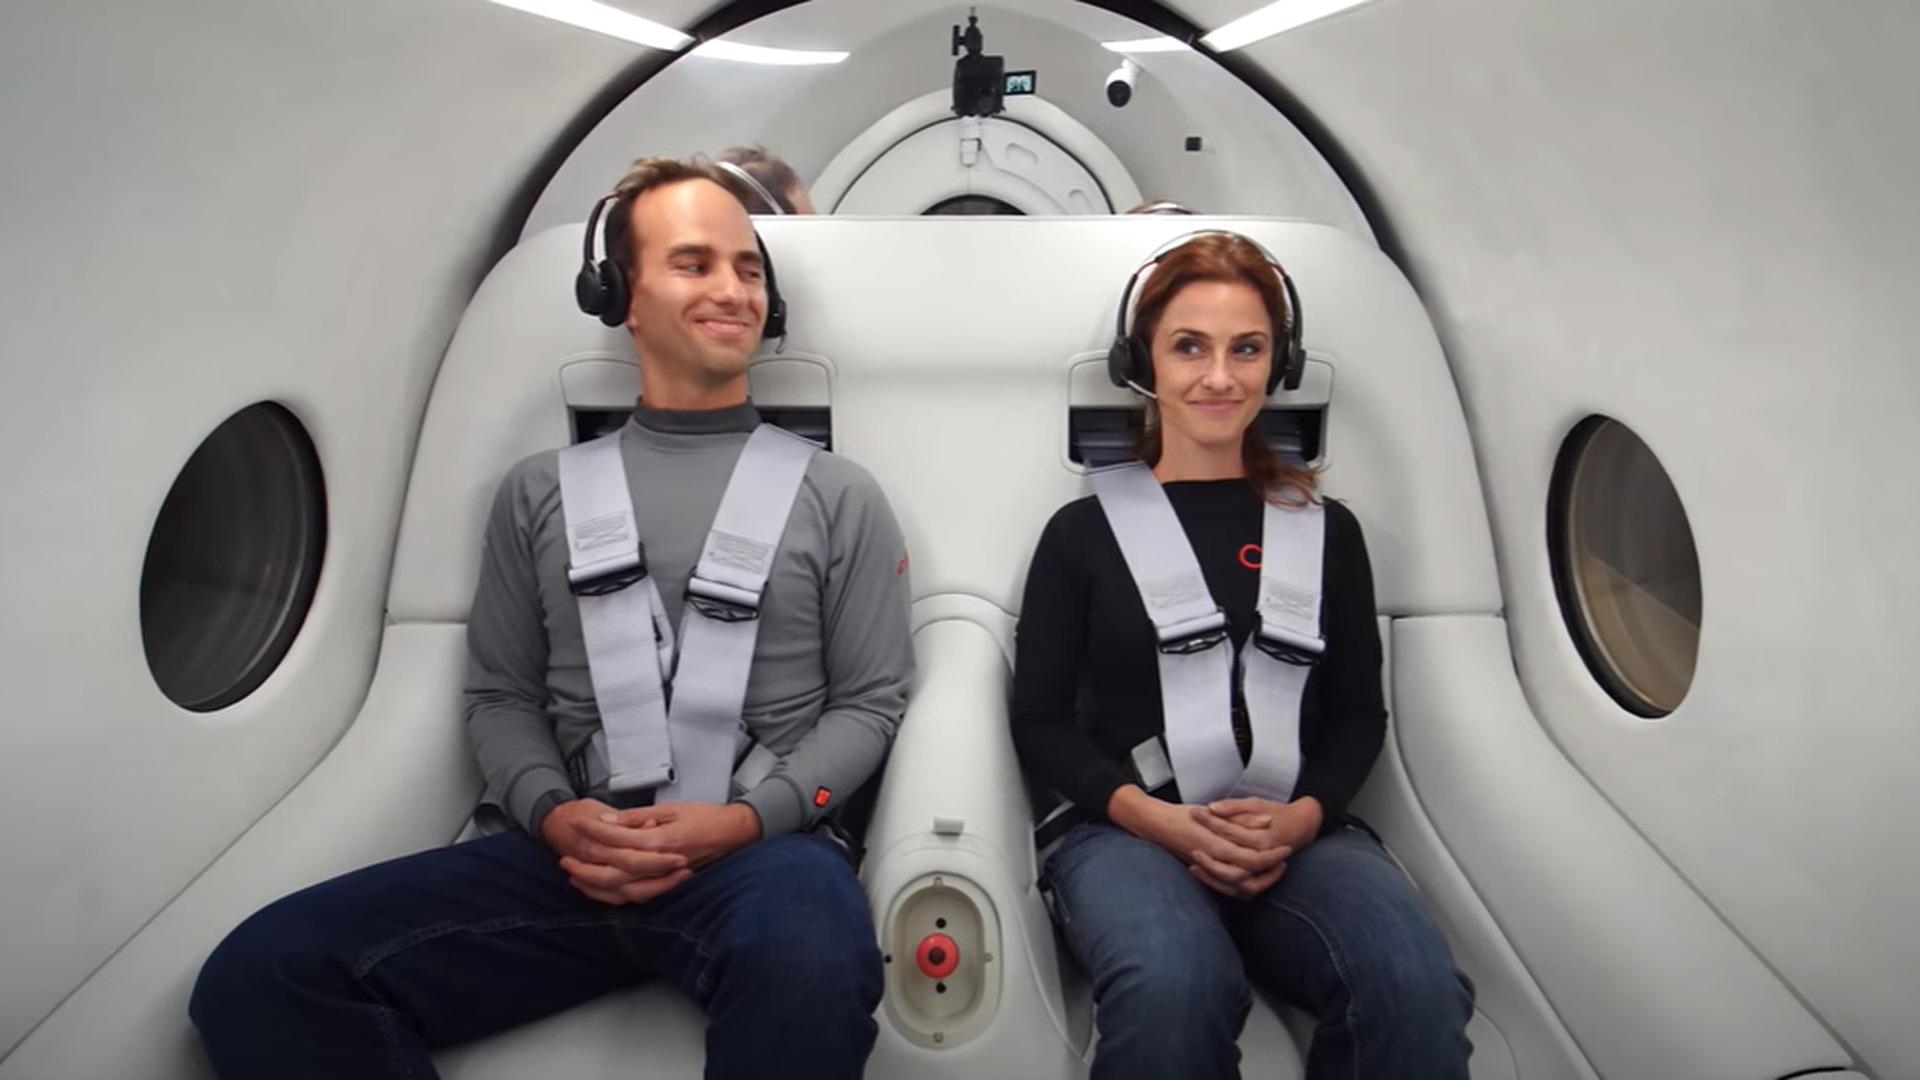 Josh Giegel and Sara Luchian are first passengers to test Virgin Hyperloop - November 8, 2020